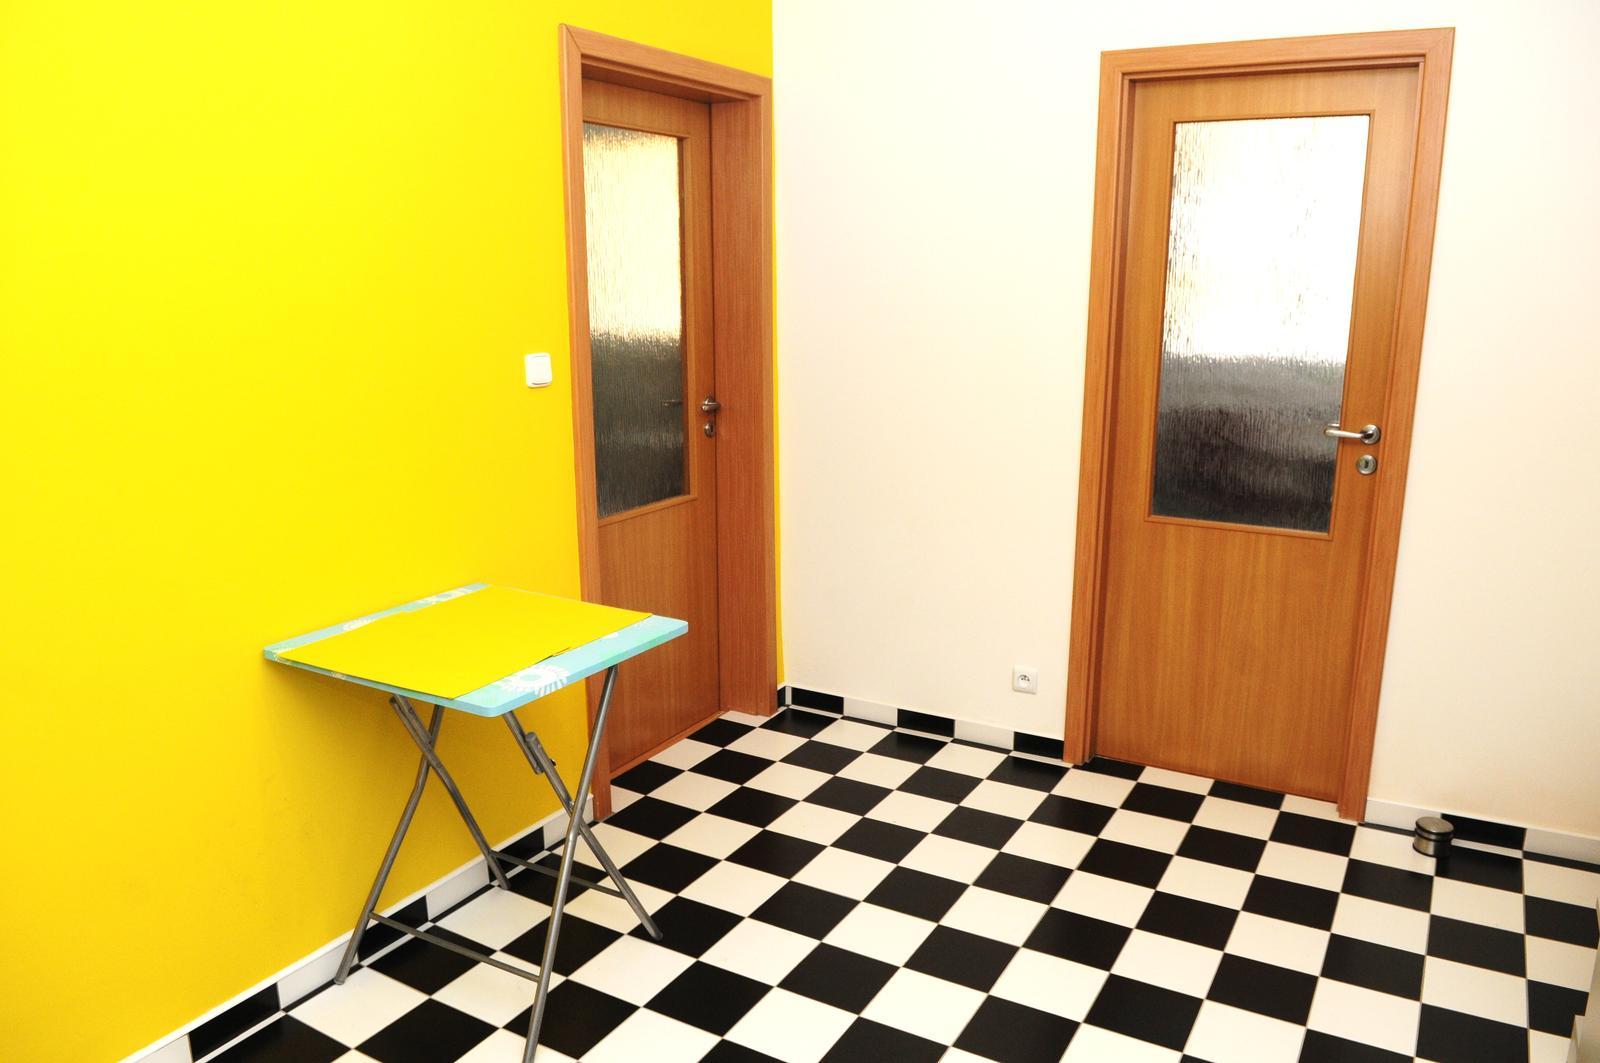 Kuchyňa bude - aktívna zóna, farebná odvážna.... - stolik zatial len docasny :-)